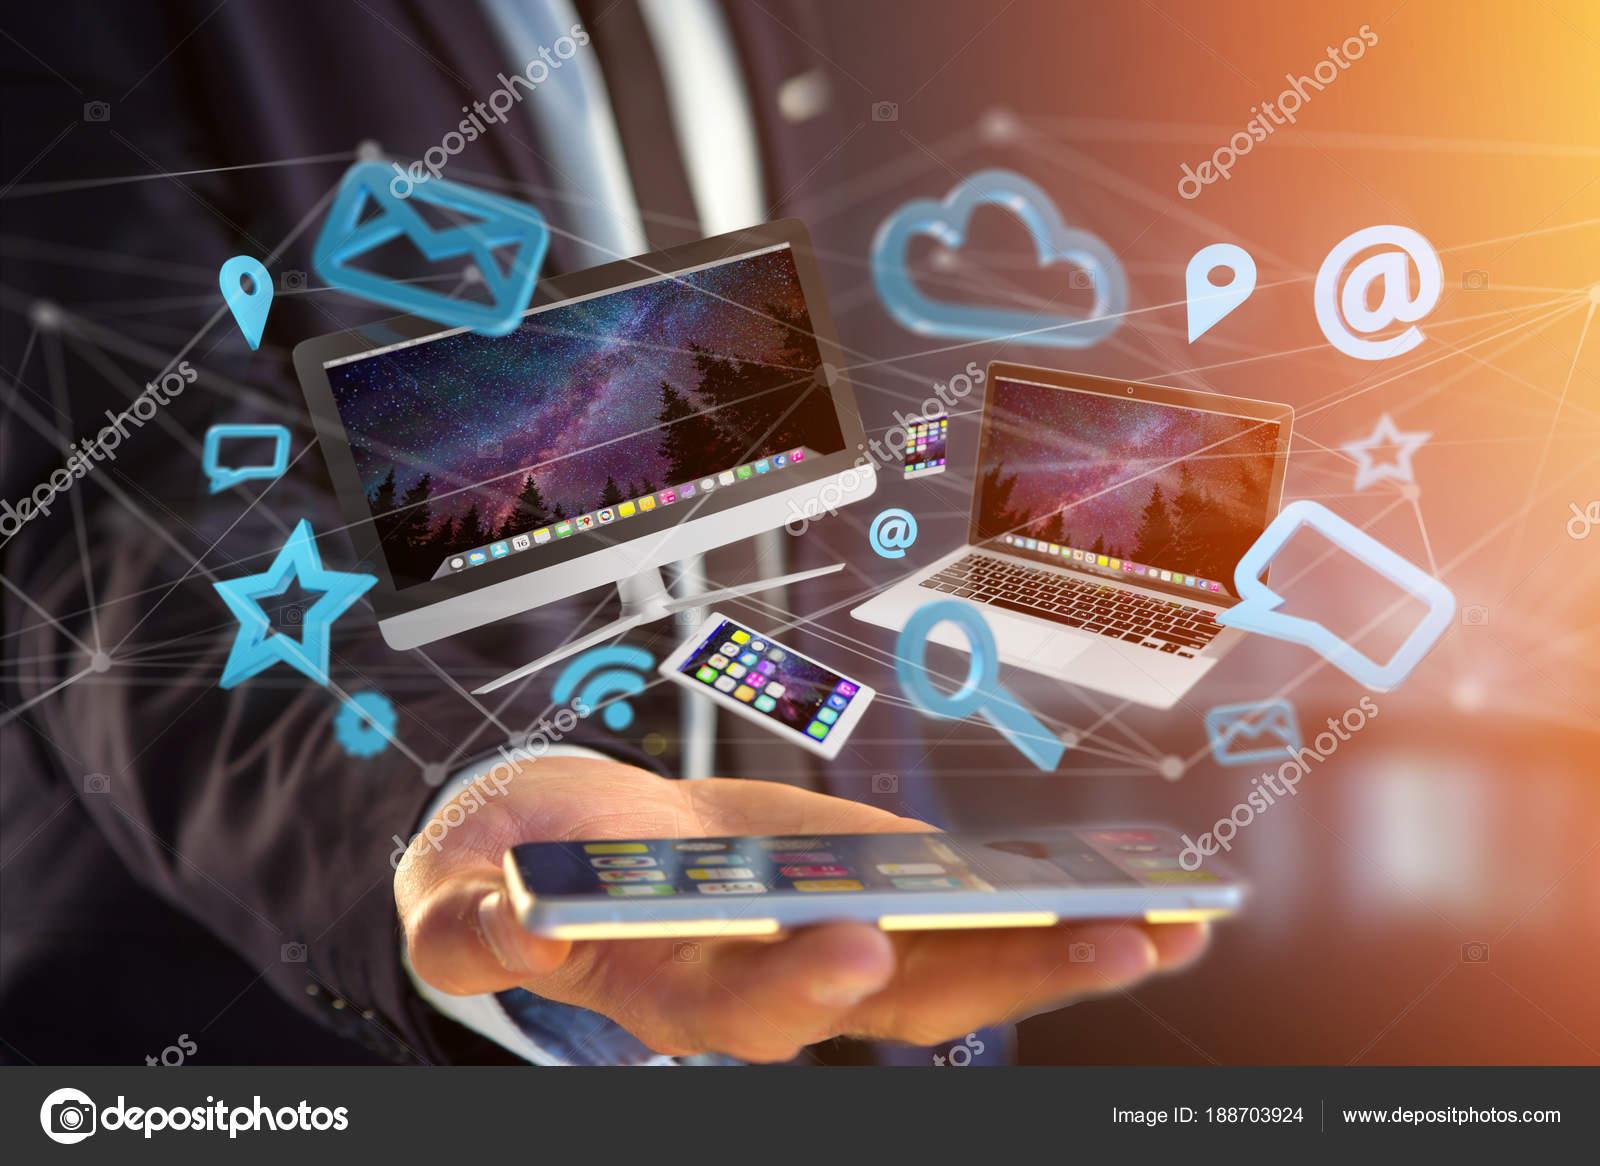 aplikace pro připojení k počítači